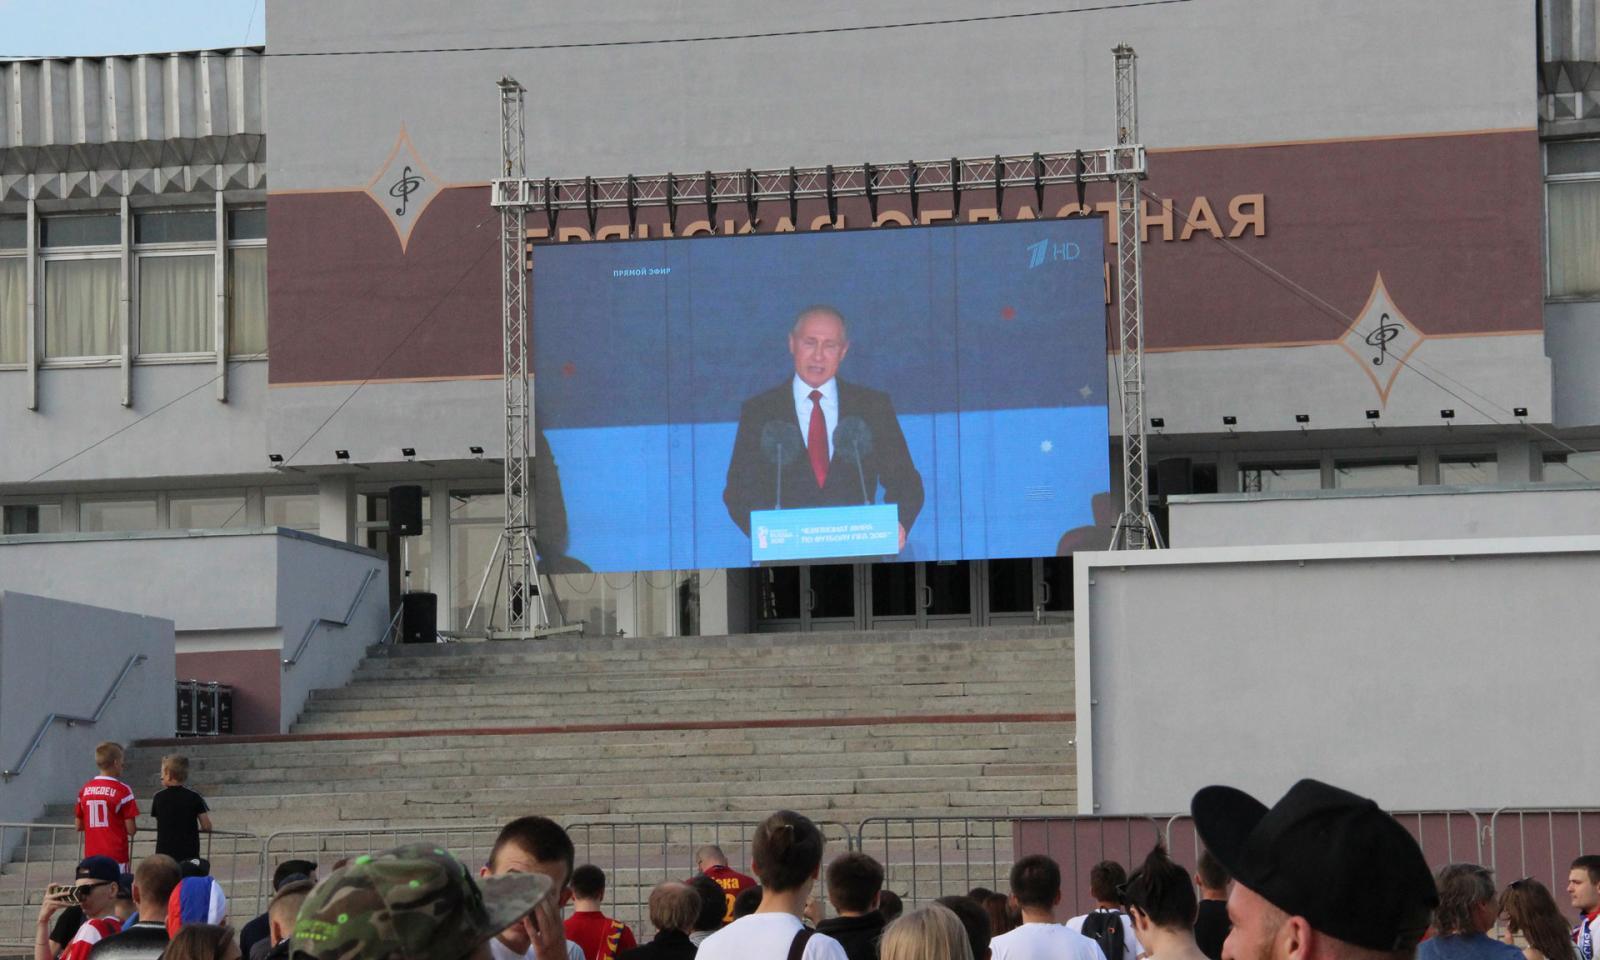 В 2019 году на брянской набережной появится мультимедийный экран